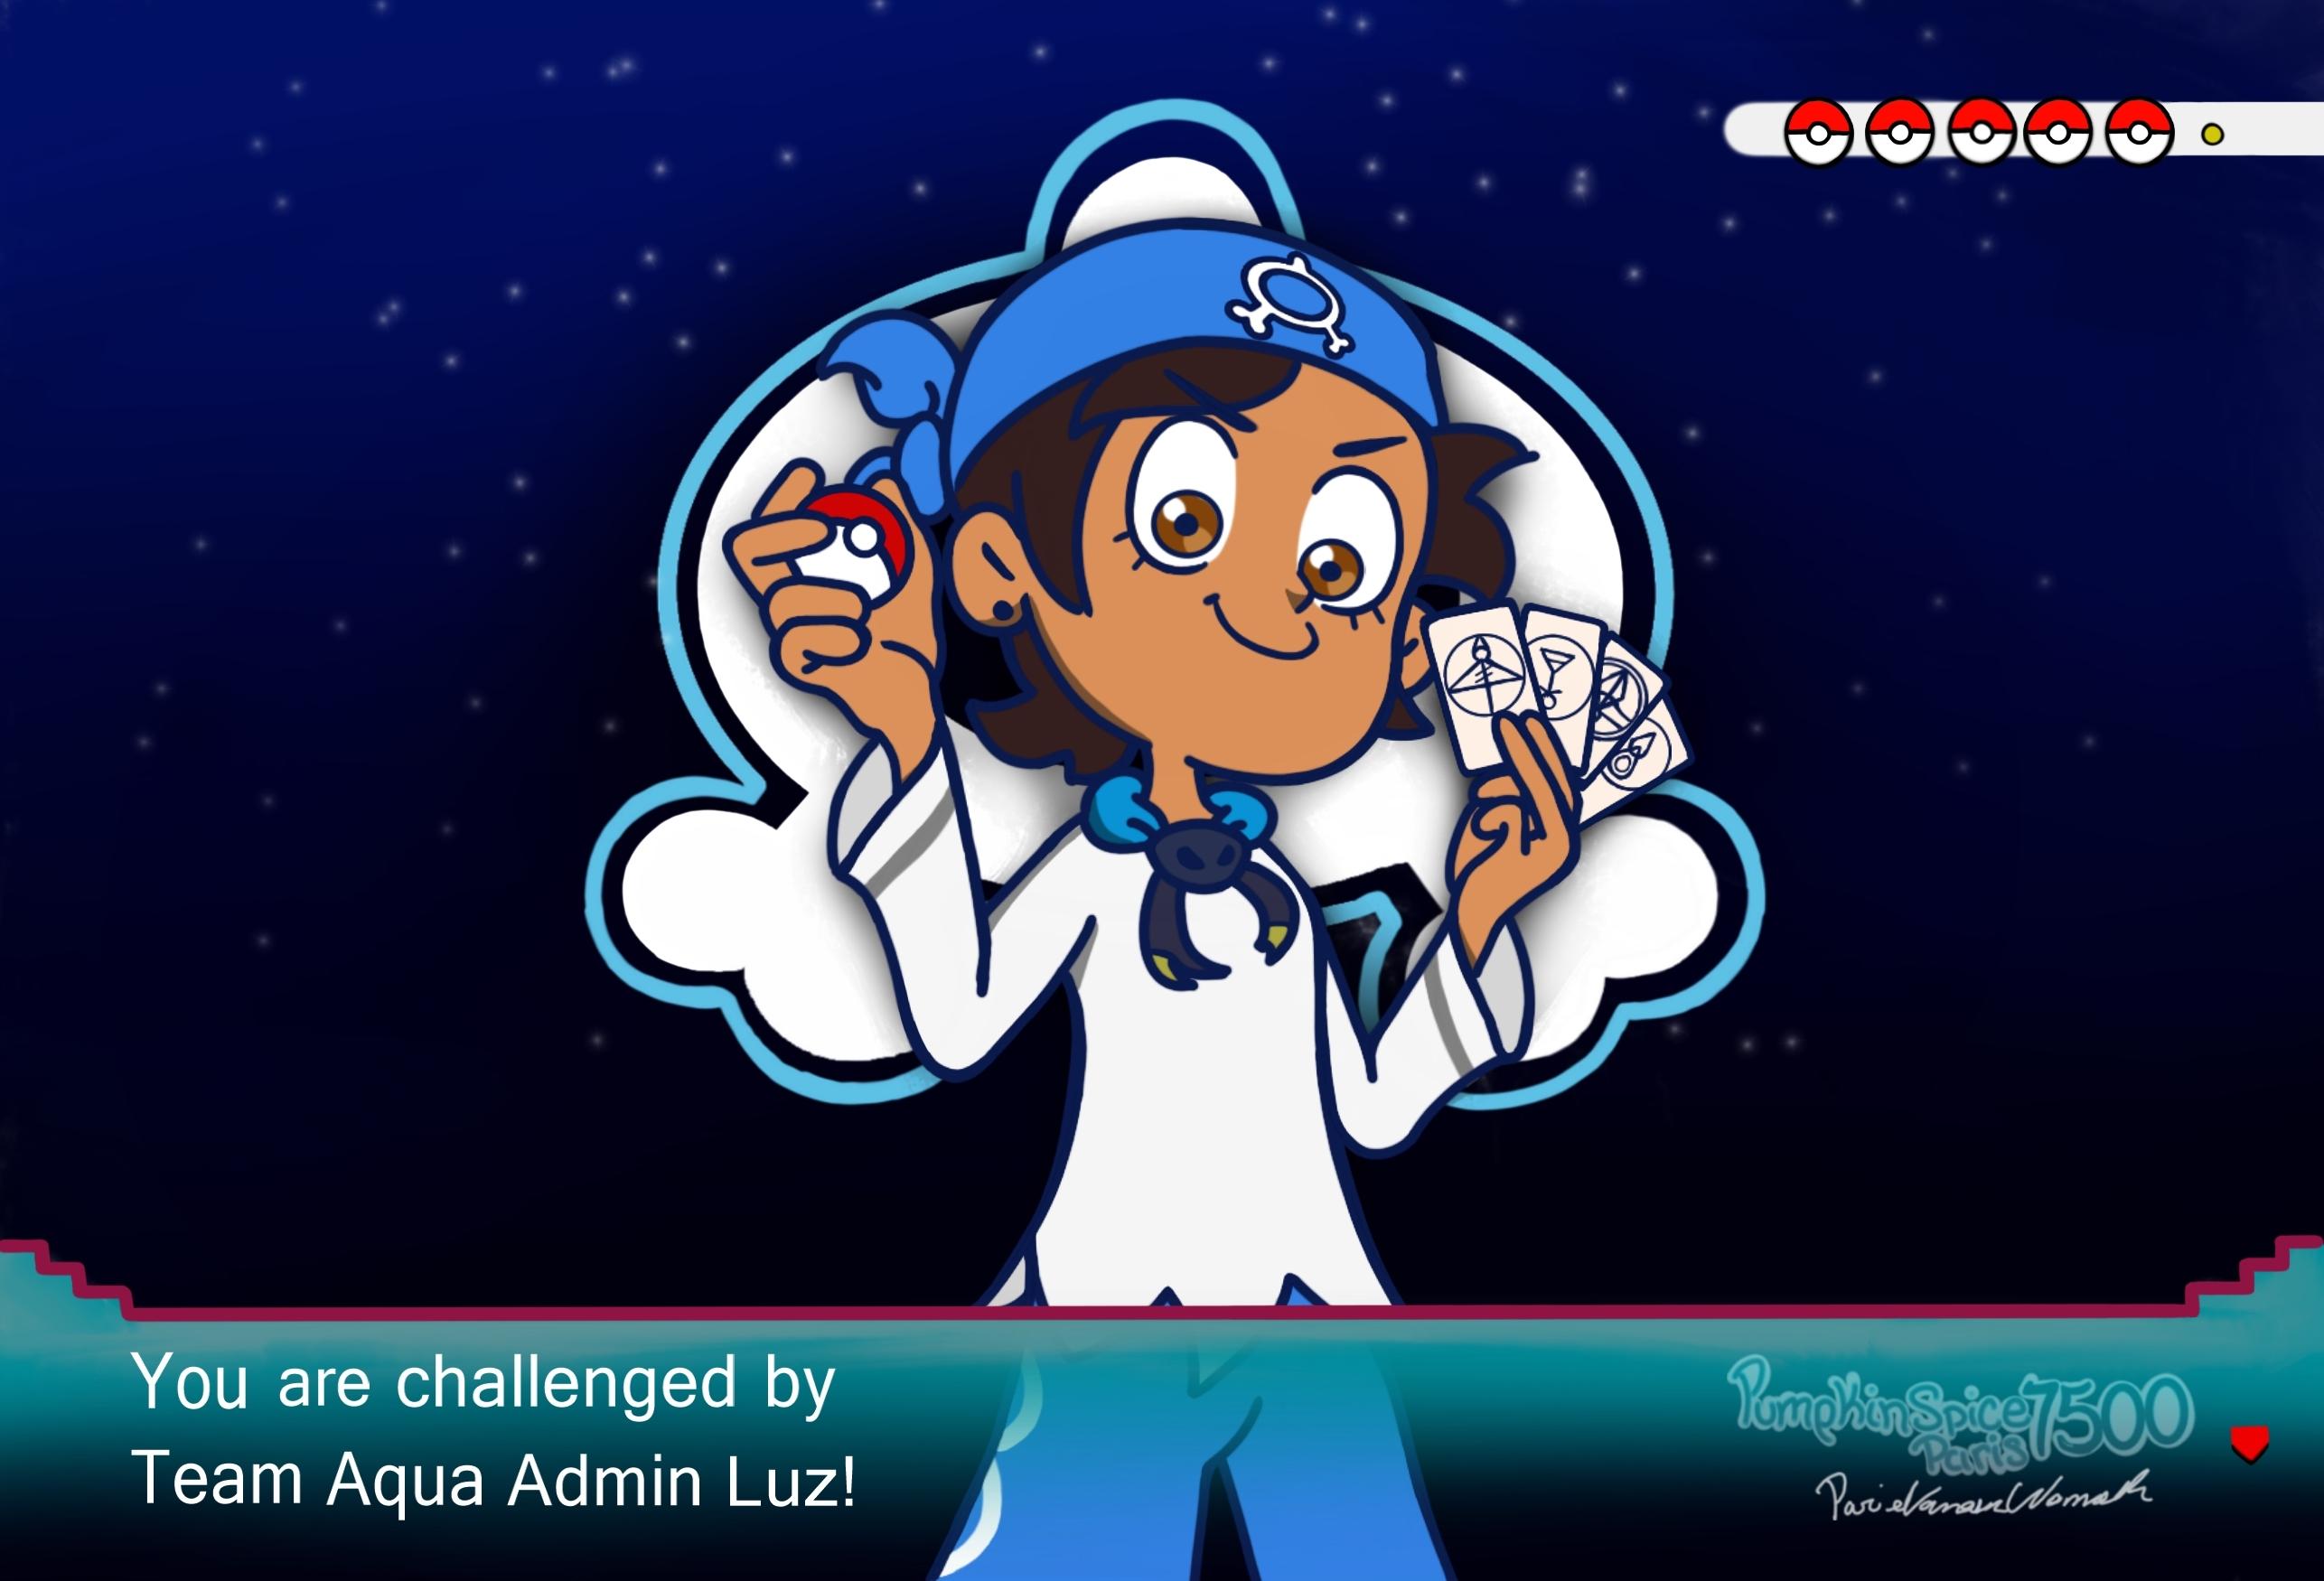 Team Aqua Admin Luz